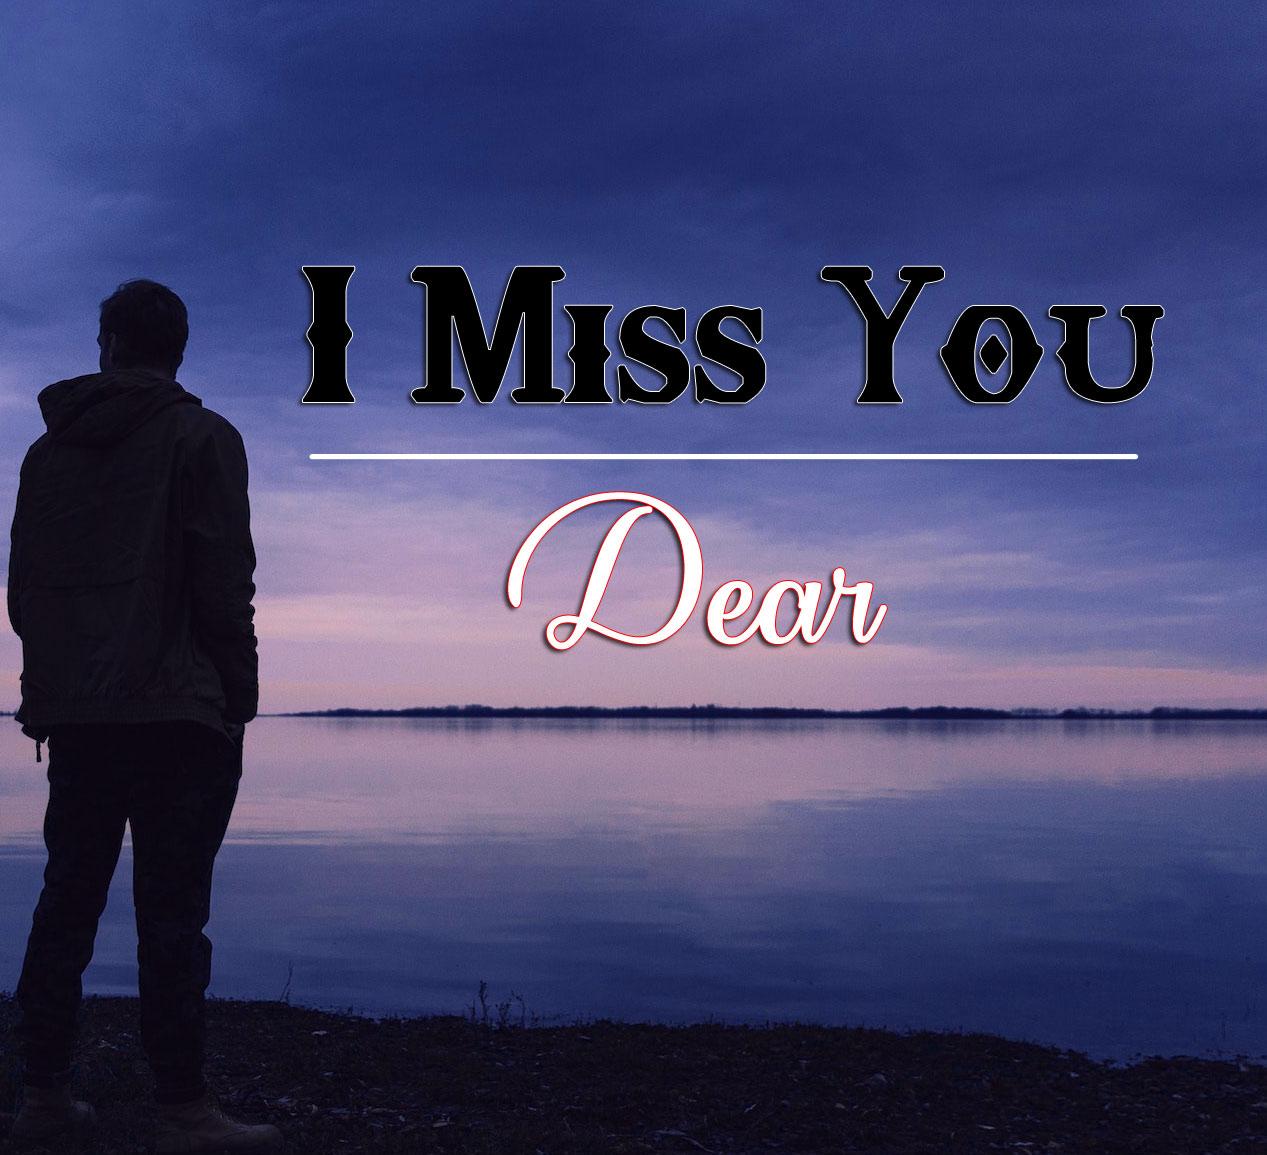 Sad HD I miss you Images